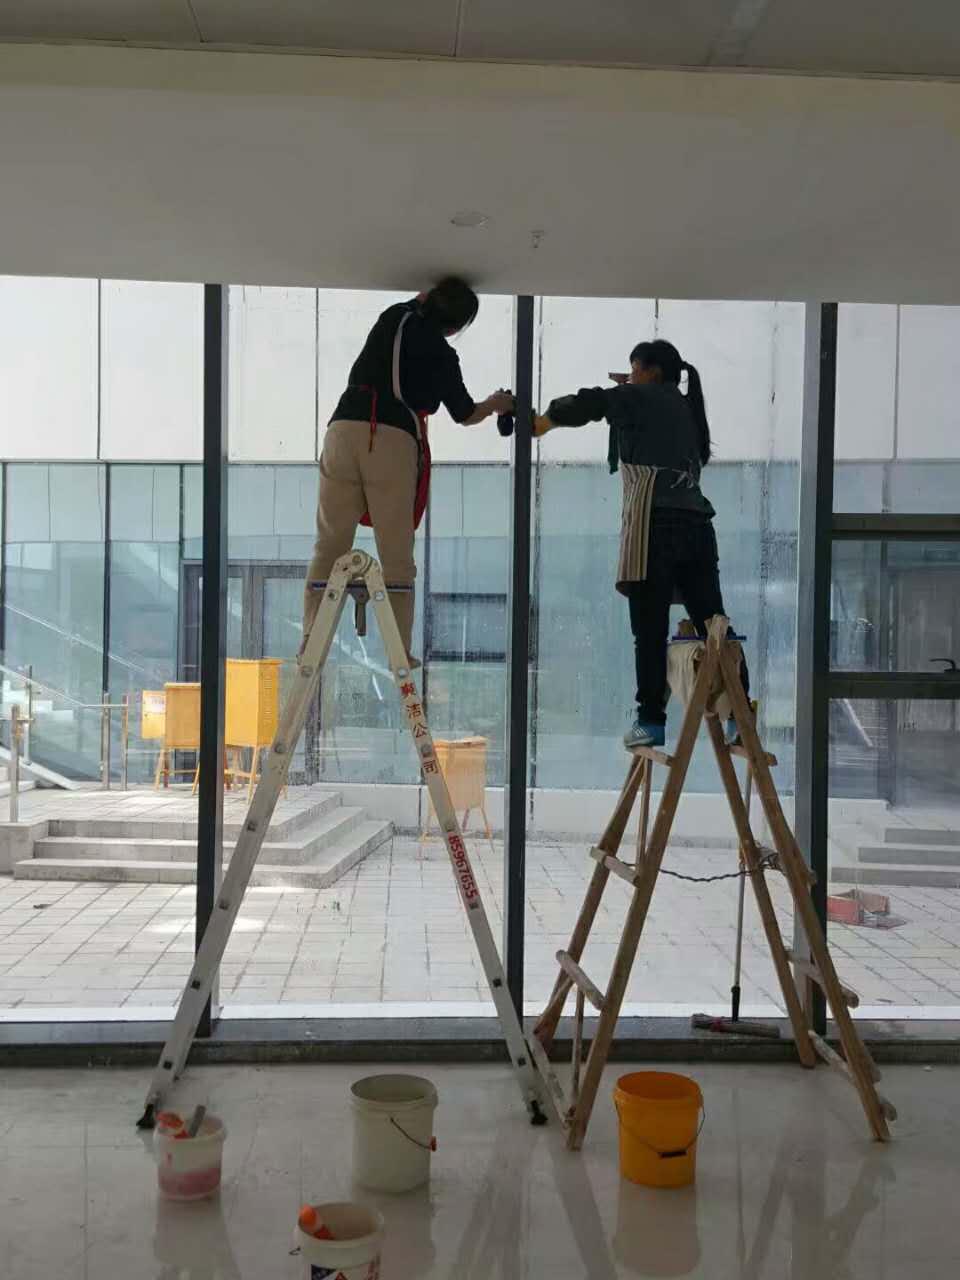 家里的窗戶玻璃很難搞定嗎?學會一下方法就變得簡單了